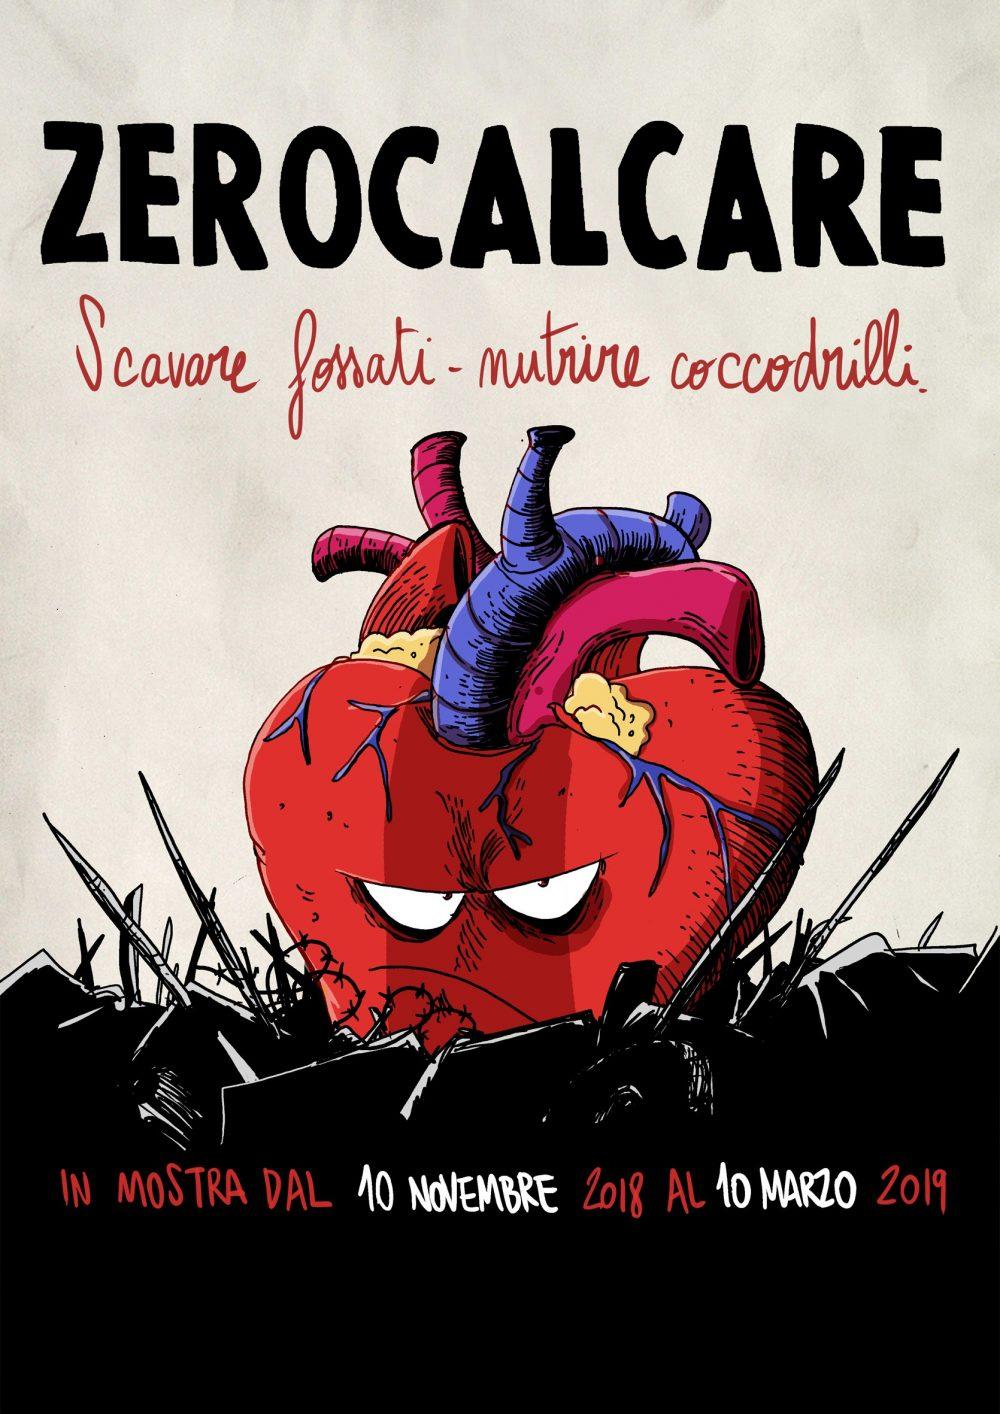 Zerocalcare - Scavare fossati, Nutrire coccodrilli, locandina di Zerocalcare